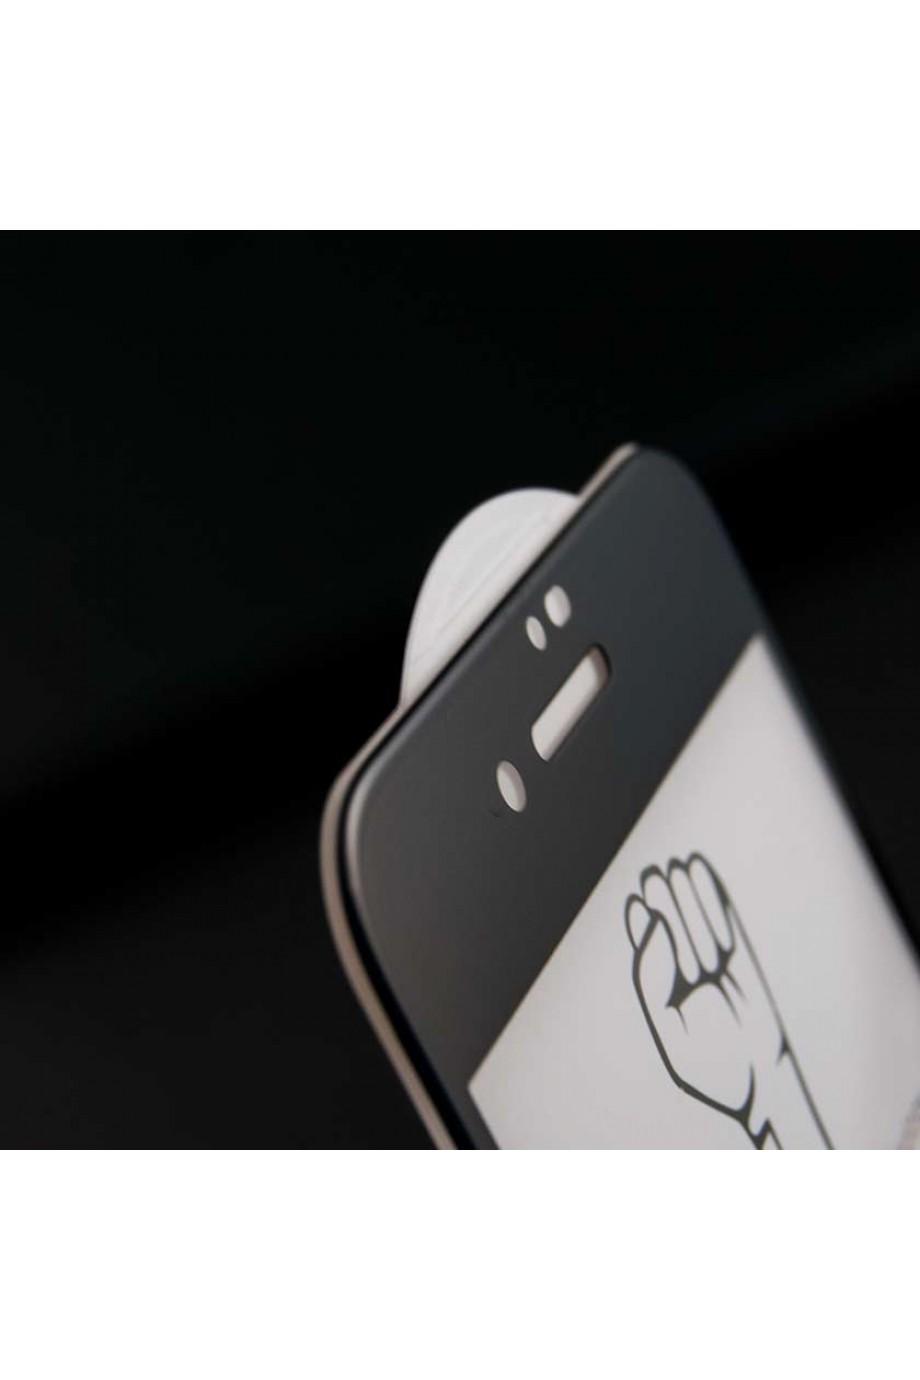 Защитное стекло 5D Mikomo для iPhone 7 Plus, черная рамка, полный клей